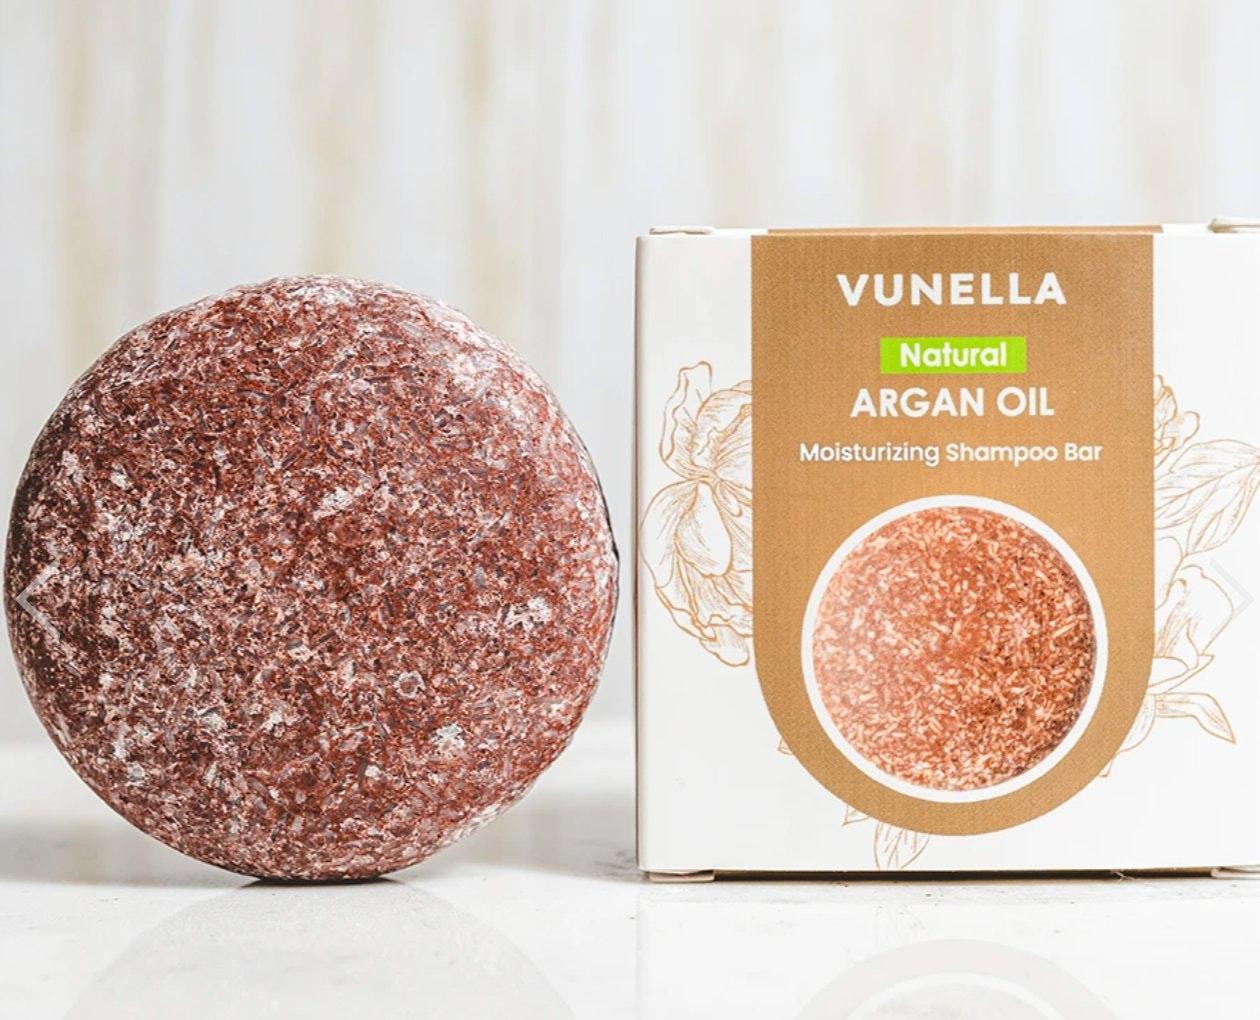 Vunella Naturals Shampoo Bars